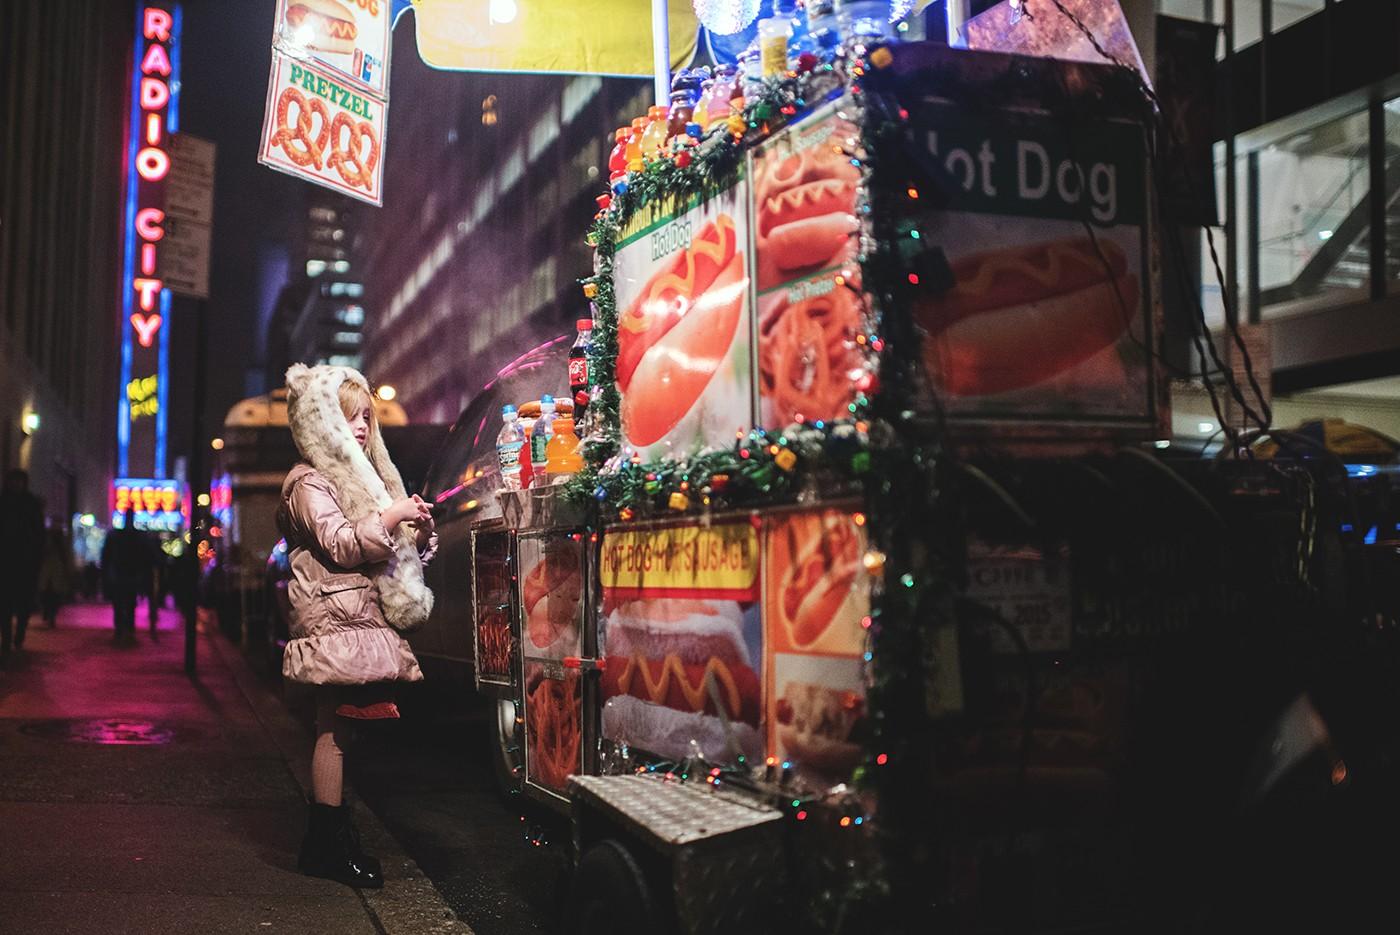 Hot Dog by Liz LaBianca